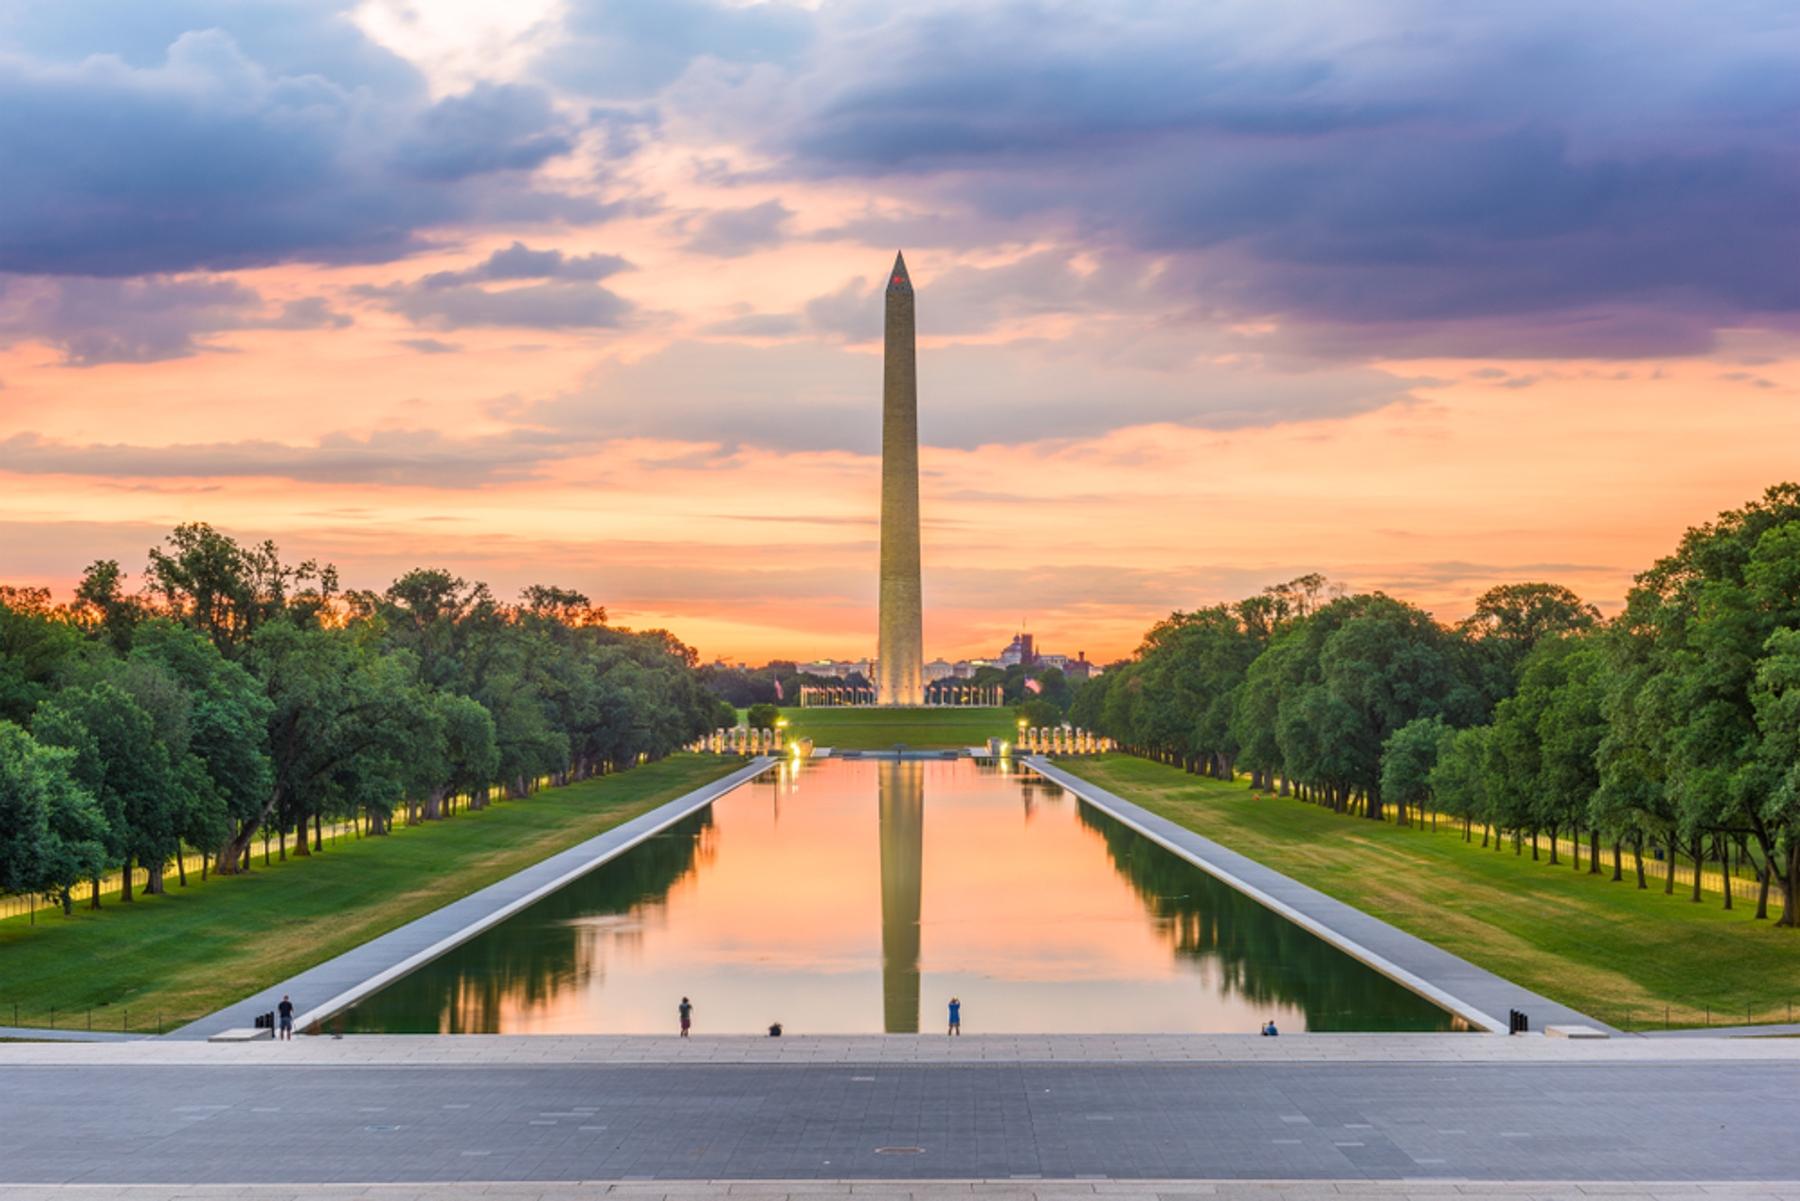 アメリカ・ワシントンD.C.ワシントン記念塔